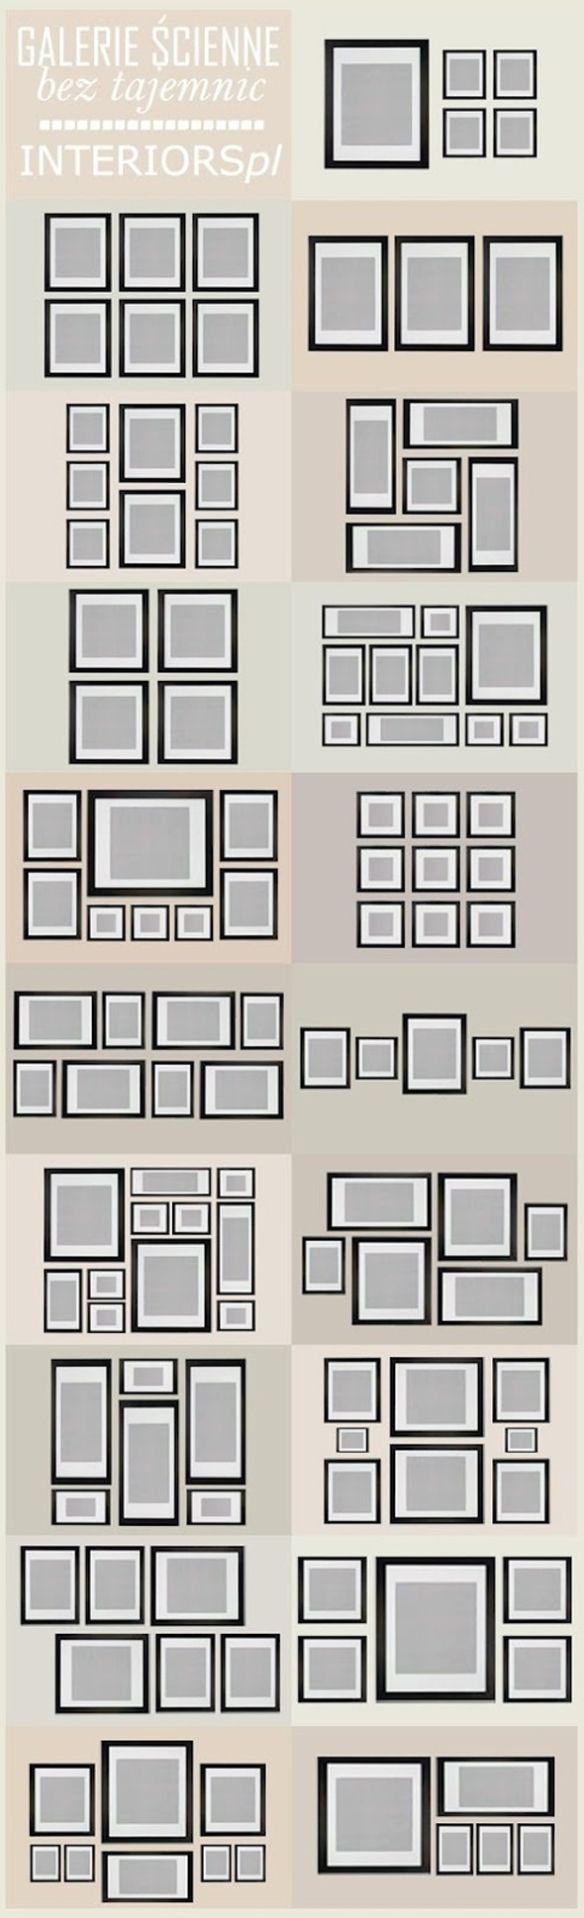 Frame arrangement ideas